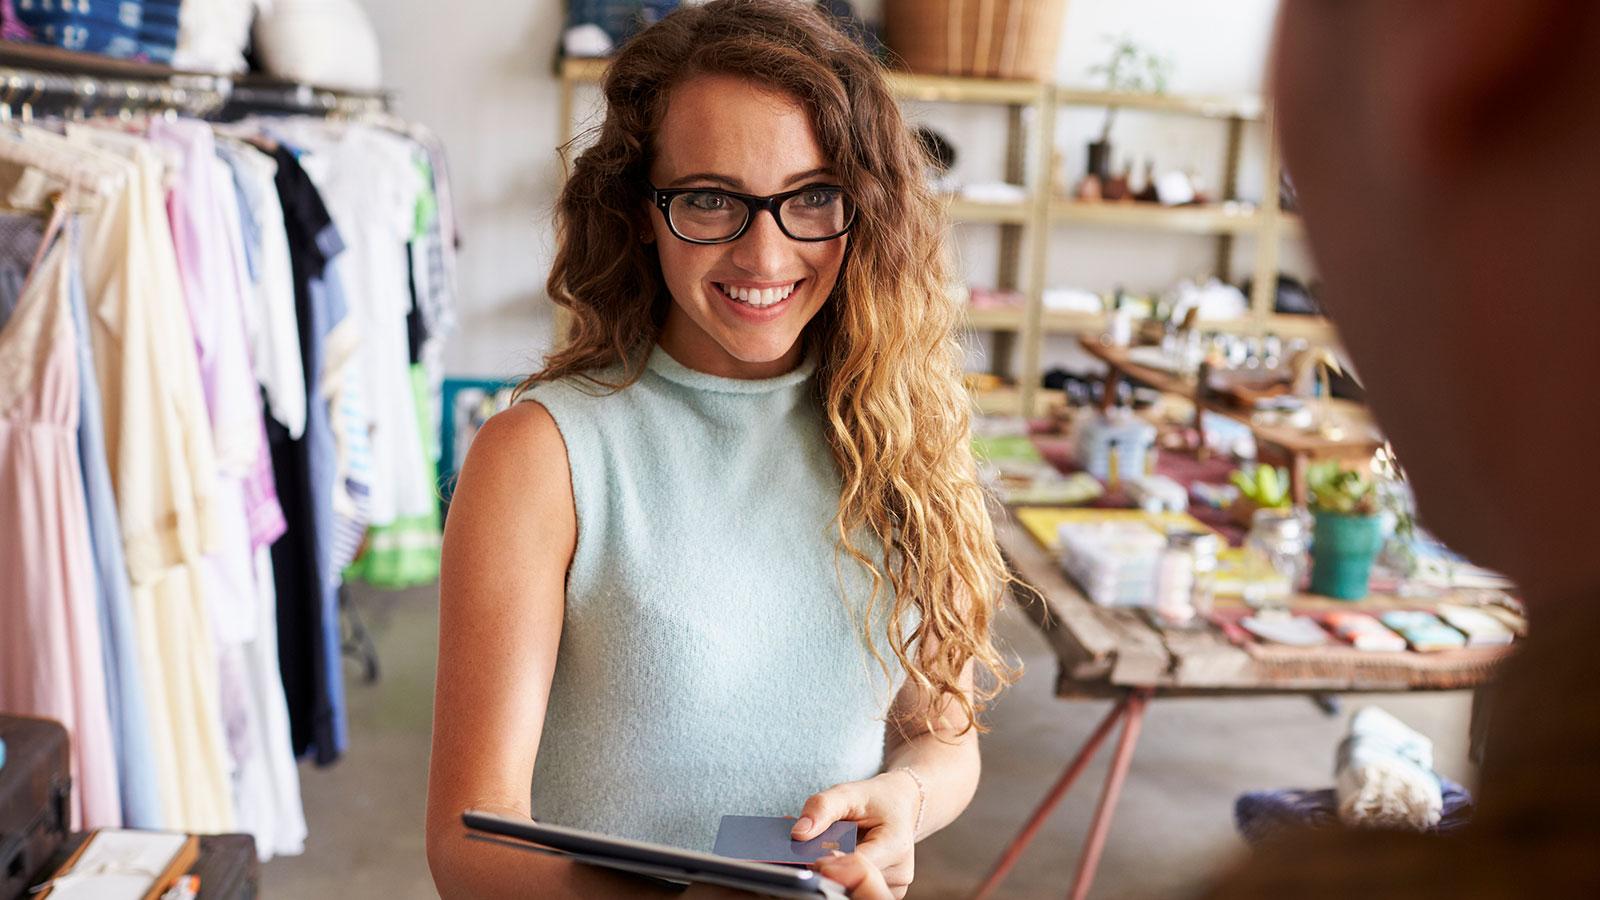 Como um vídeo animado pode ajudar a alavancar as vendas da sua empresa? Entenda a relação aqui!